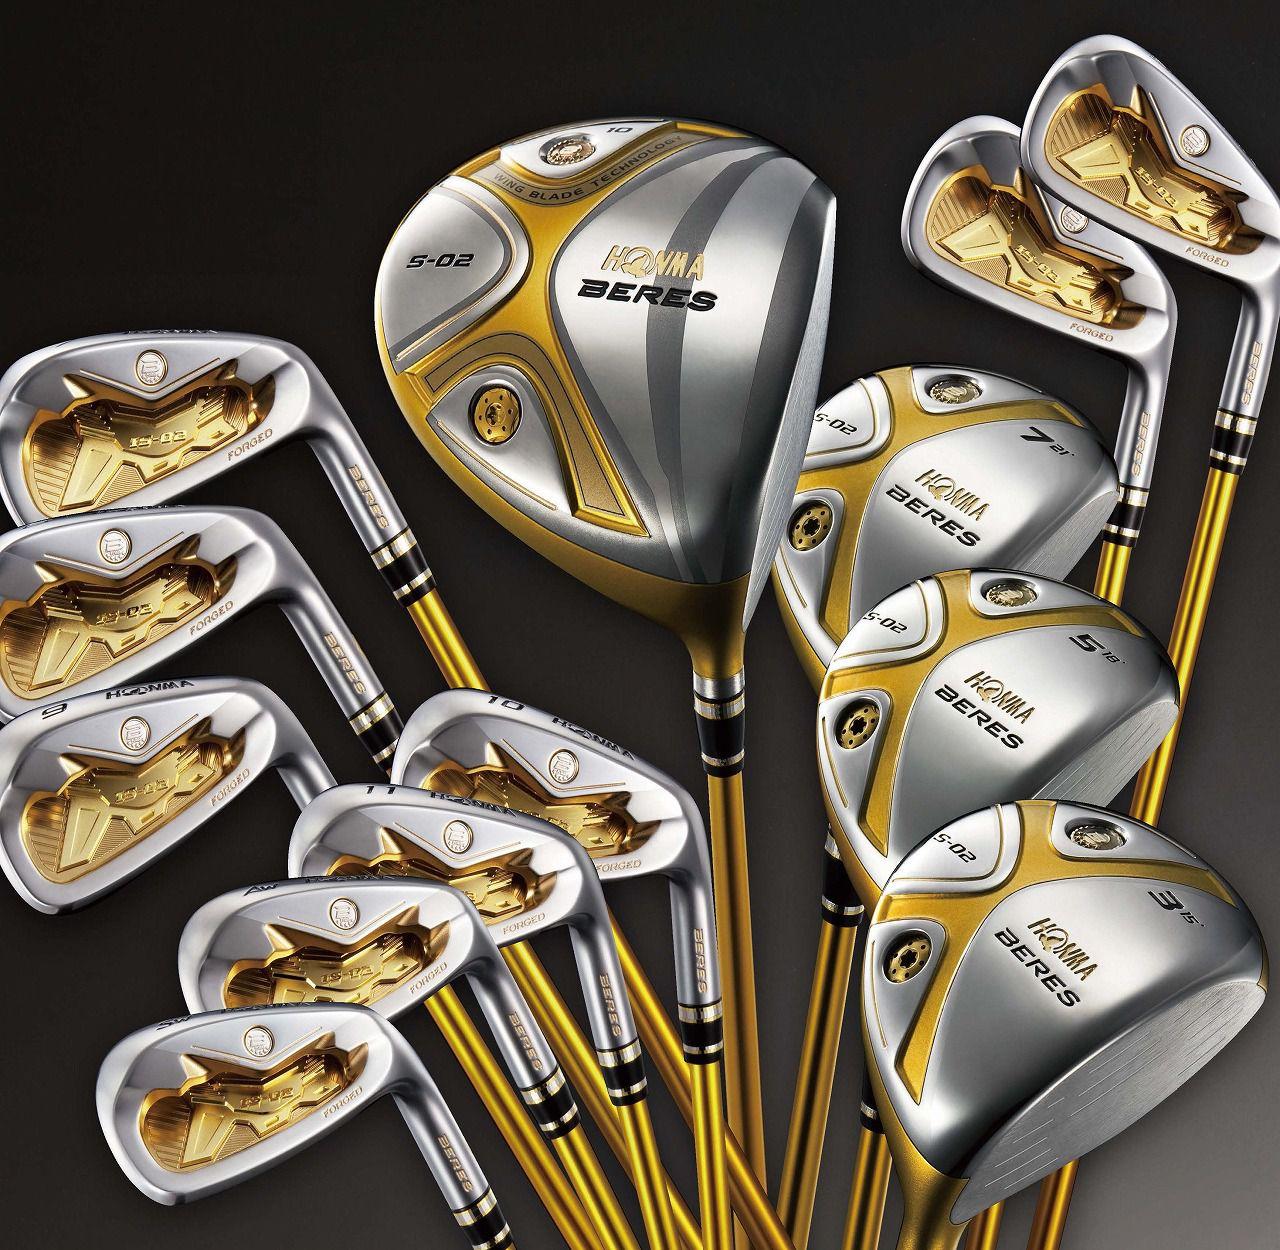 Các thương hiệu gậy golf nổi tiếng trên toàn thế giới